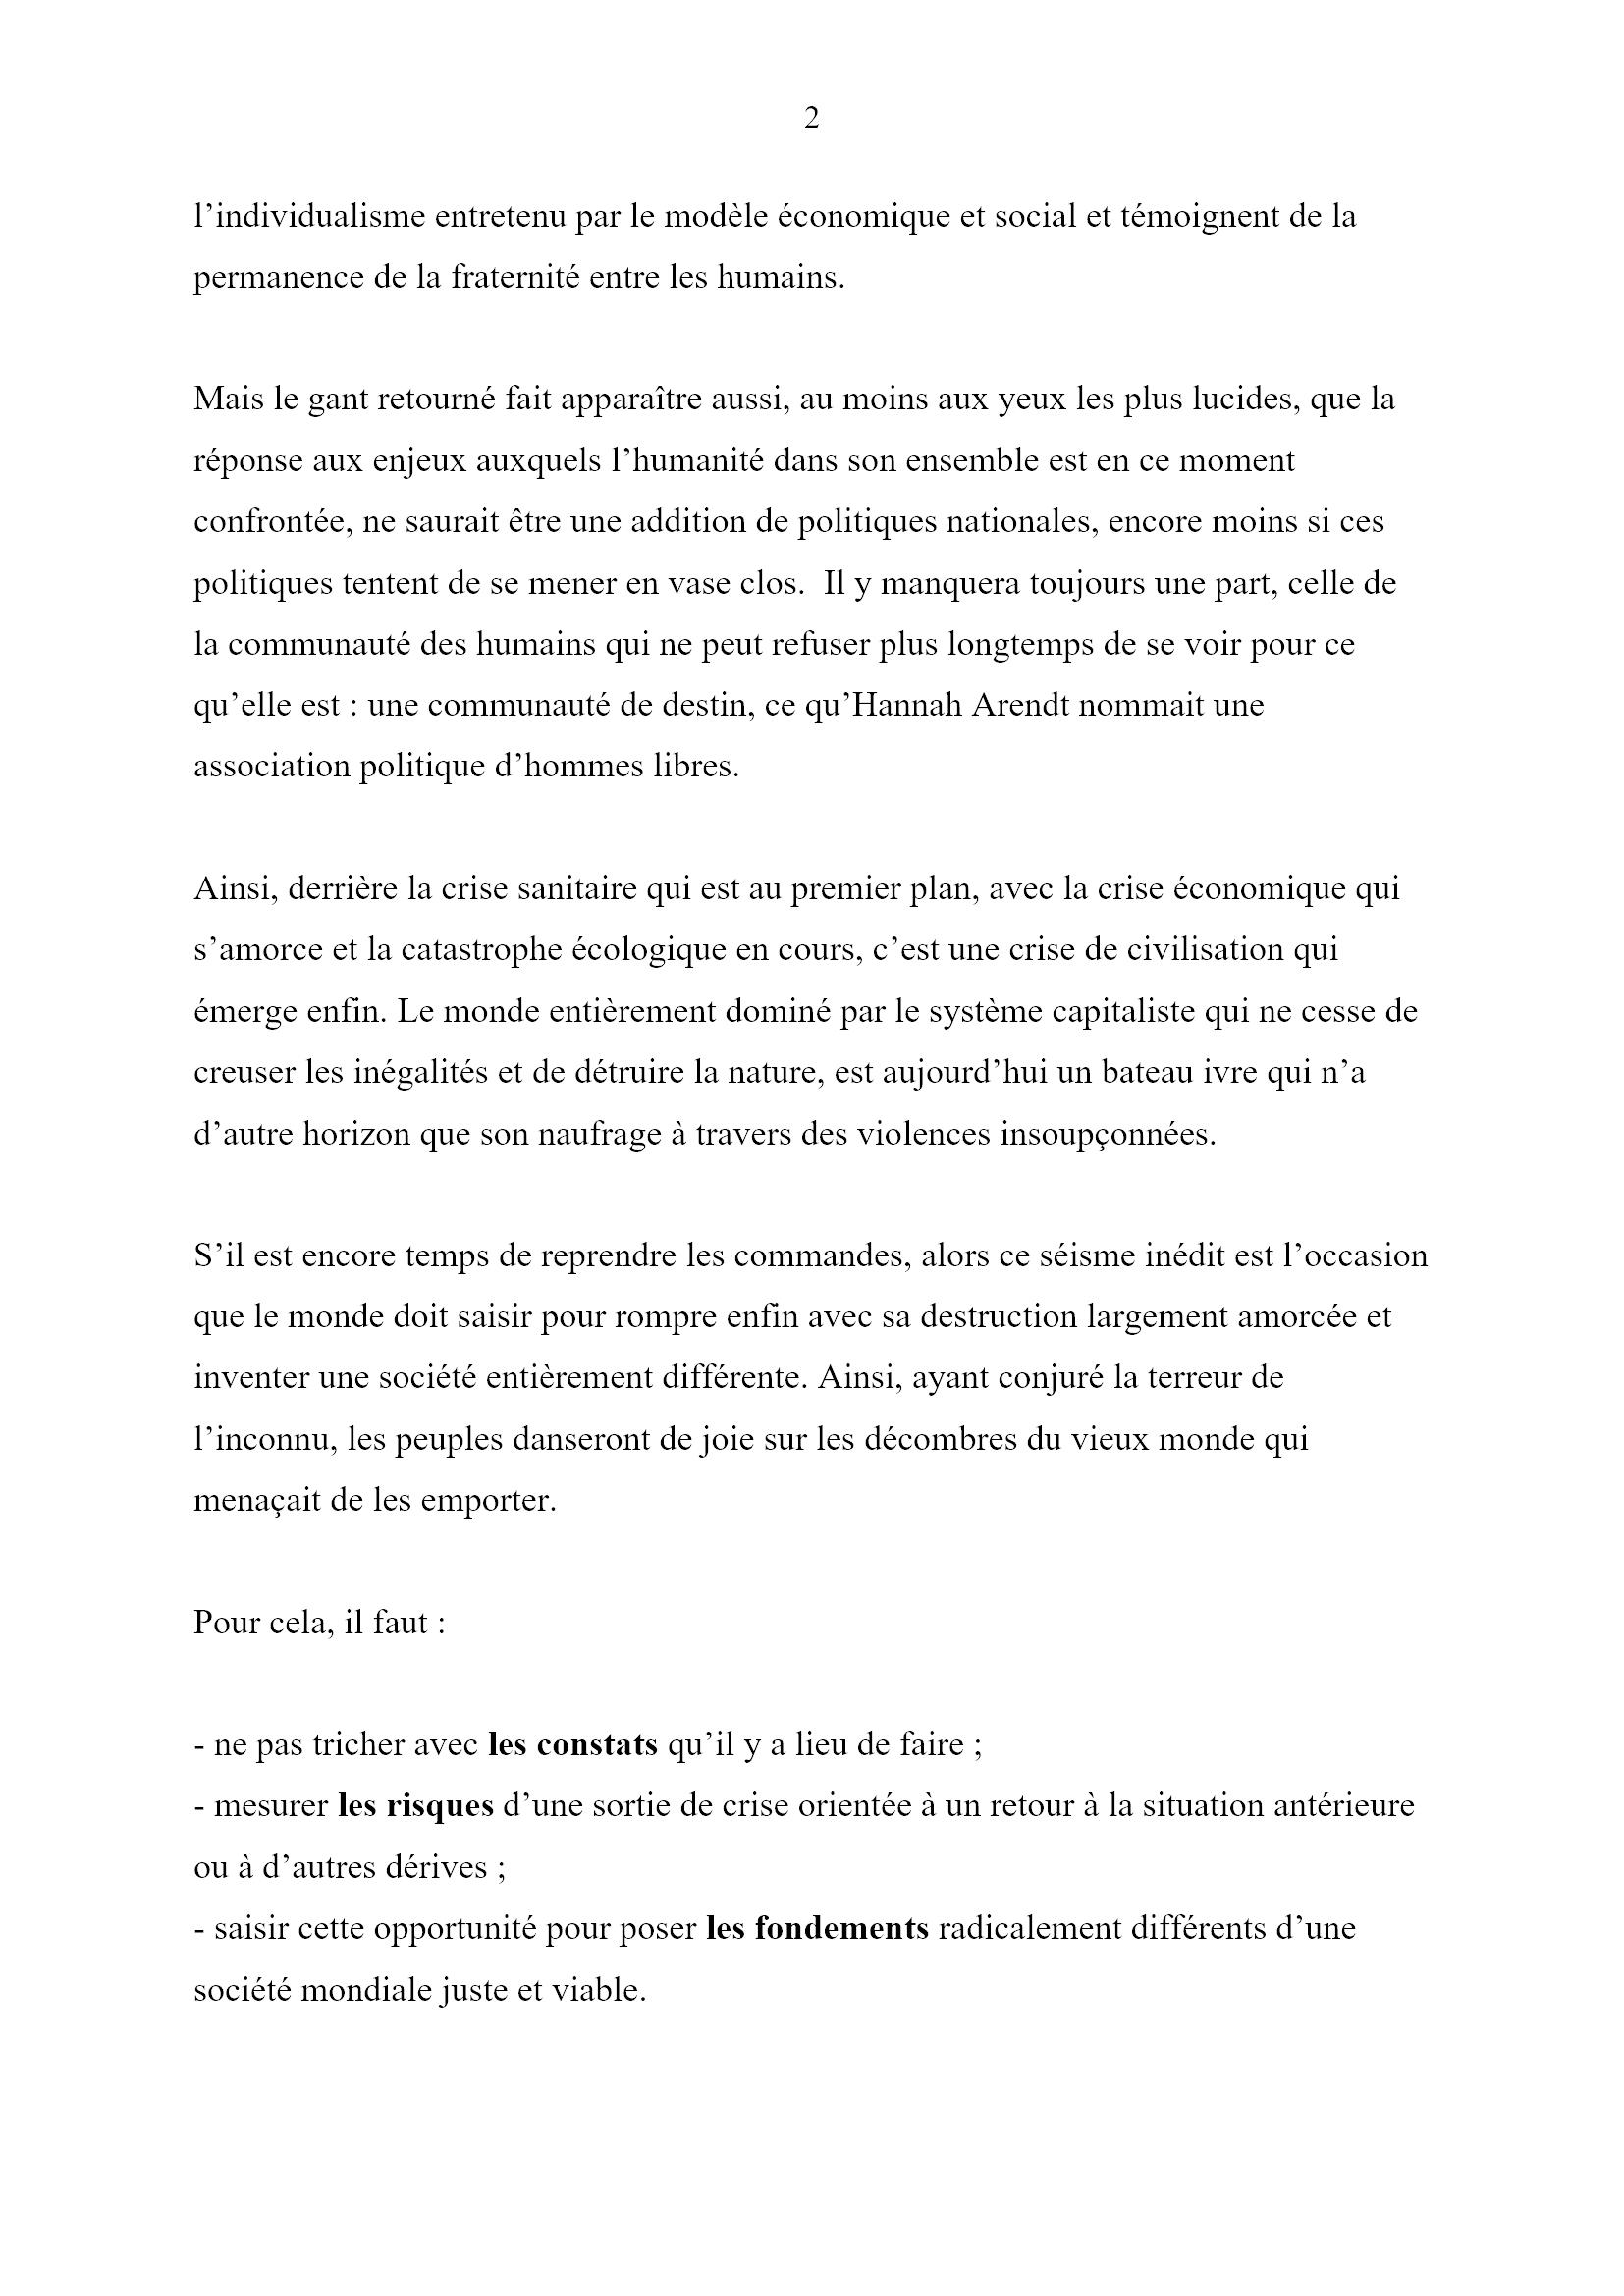 Des jours heureux... Monique Chemillier-Gendreau 2x16